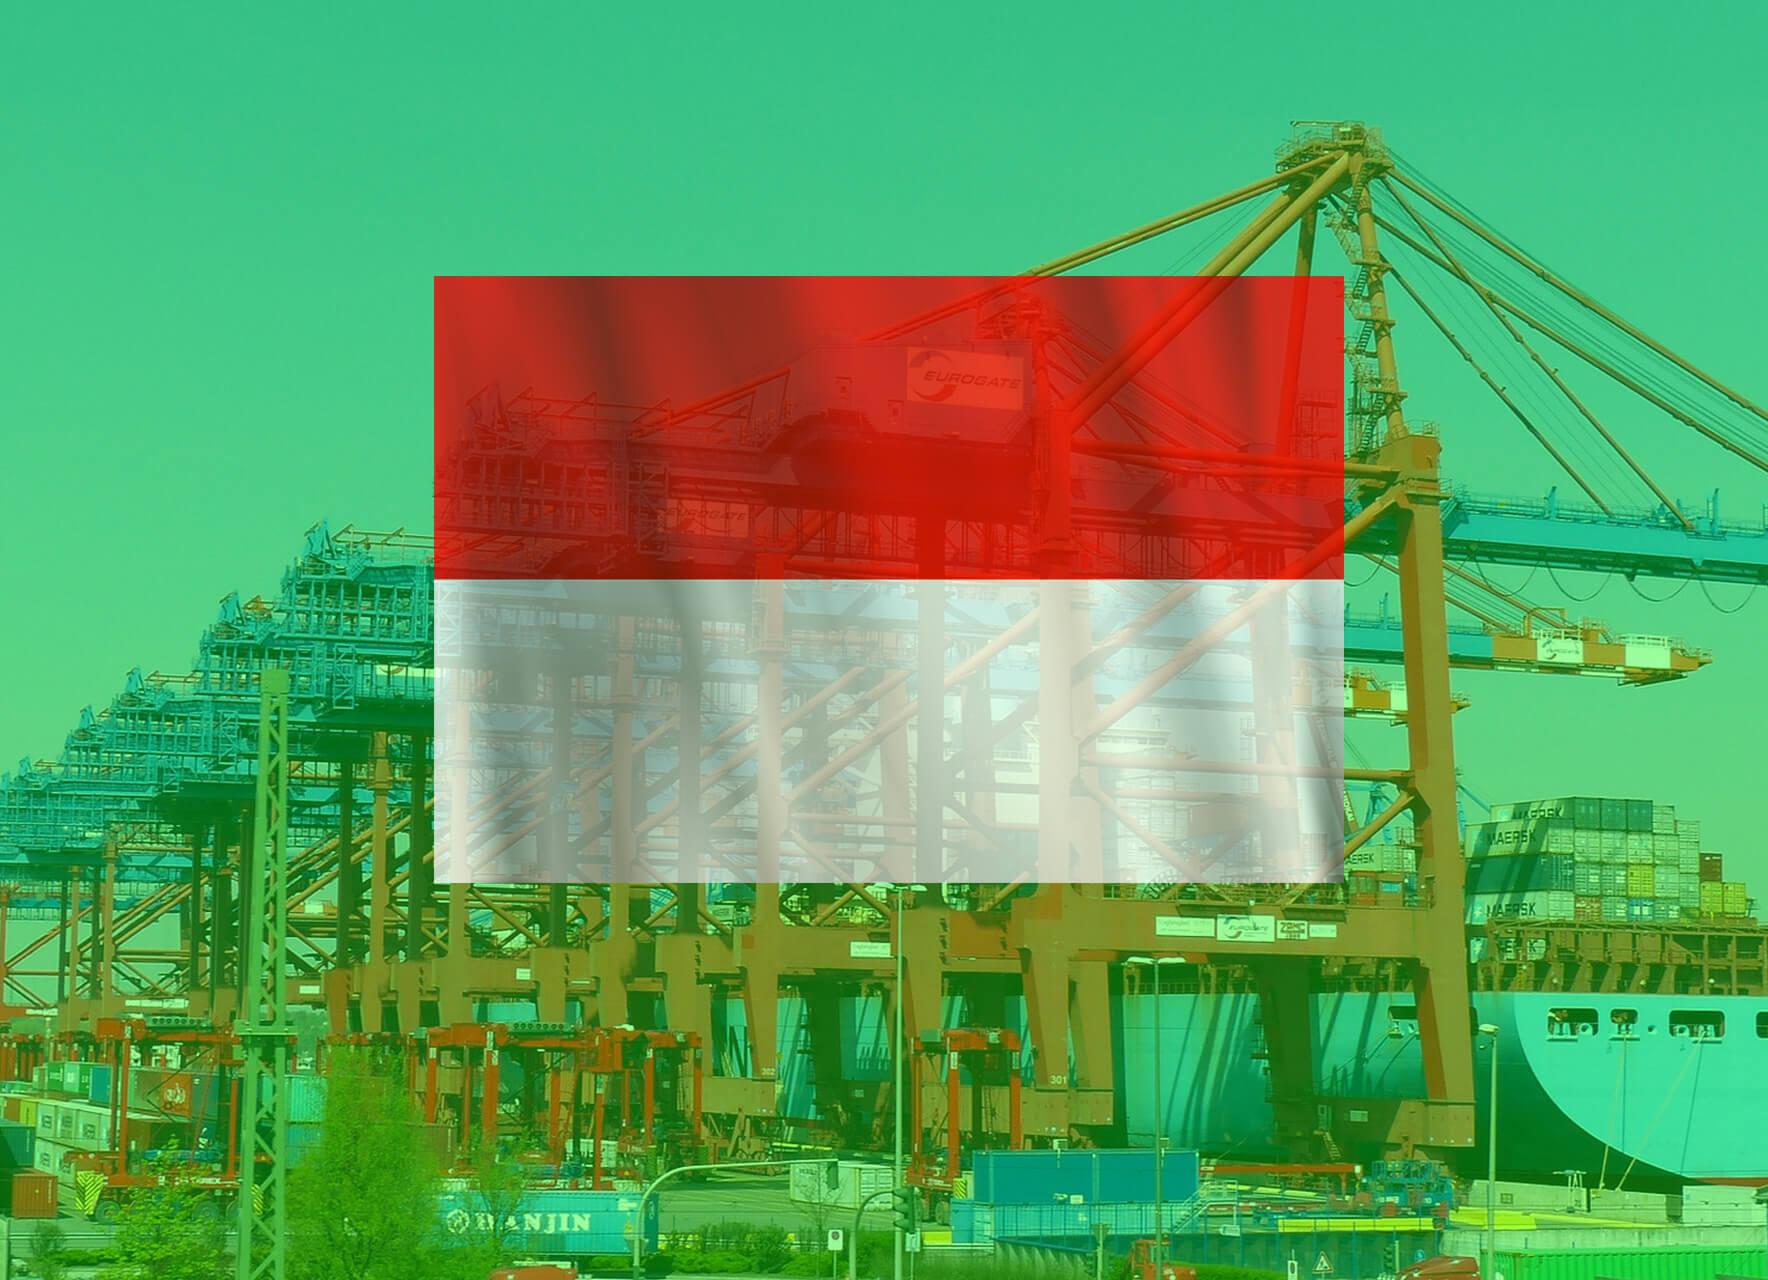 インドネシアの関税制度の基礎知識 | インドネシアの関税率を調べる3つの方法 / インドネシアの小口輸入通関制度…ほか